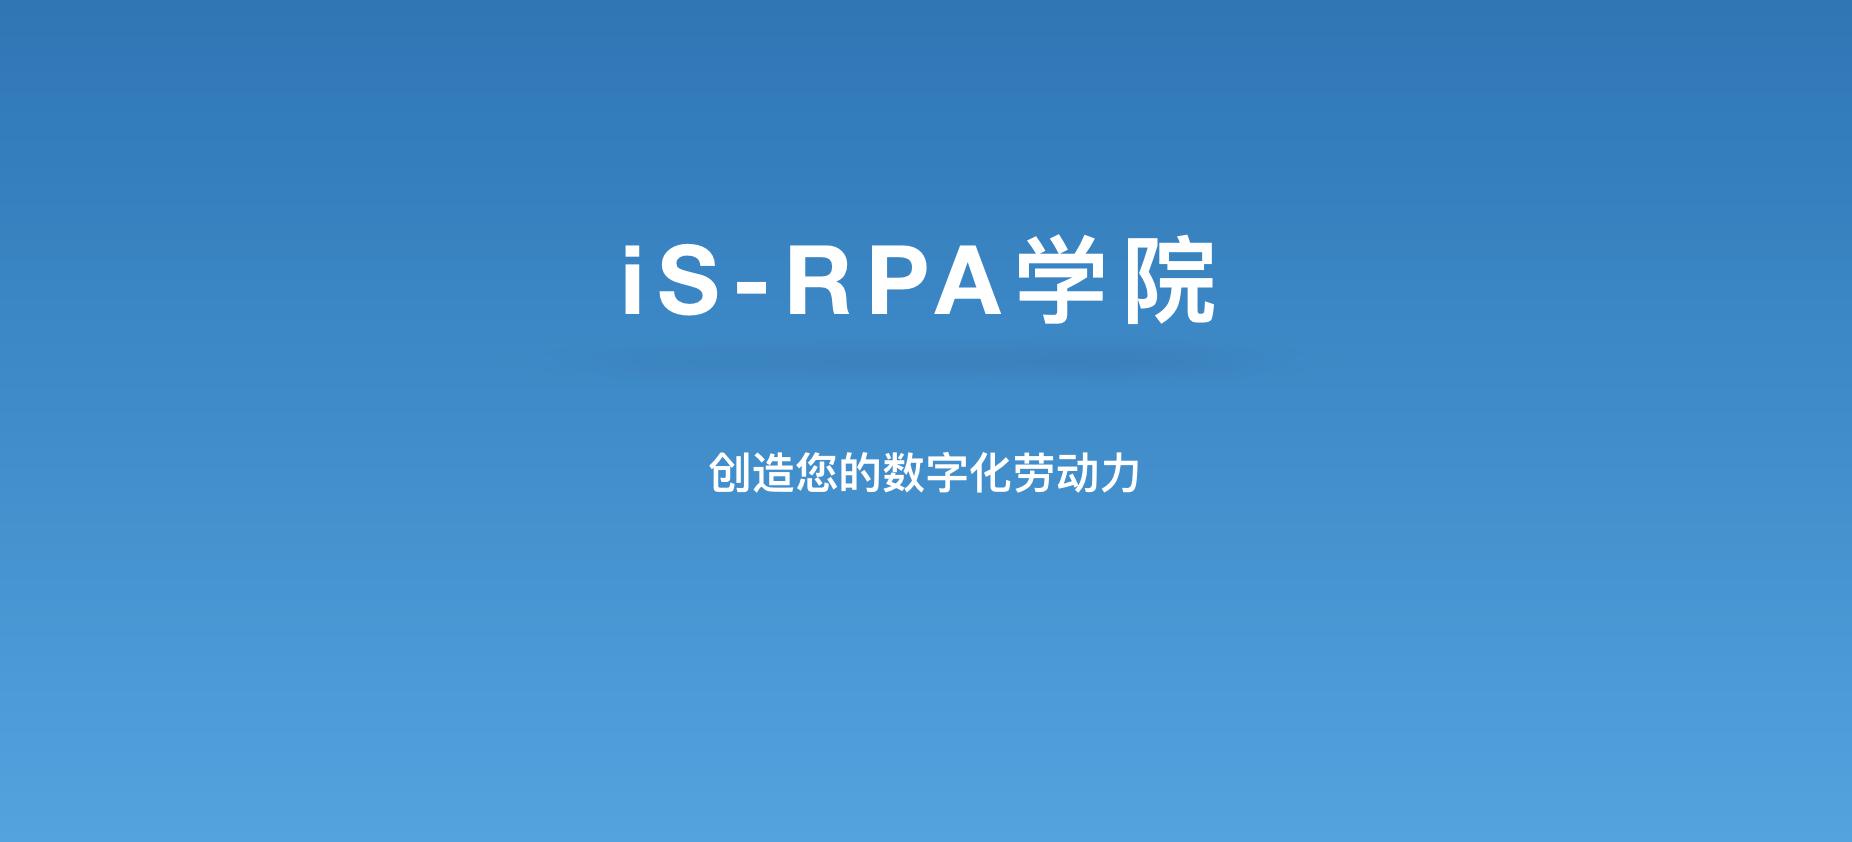 如何参加线上补考,获得 iS-RPA 技术认证证书